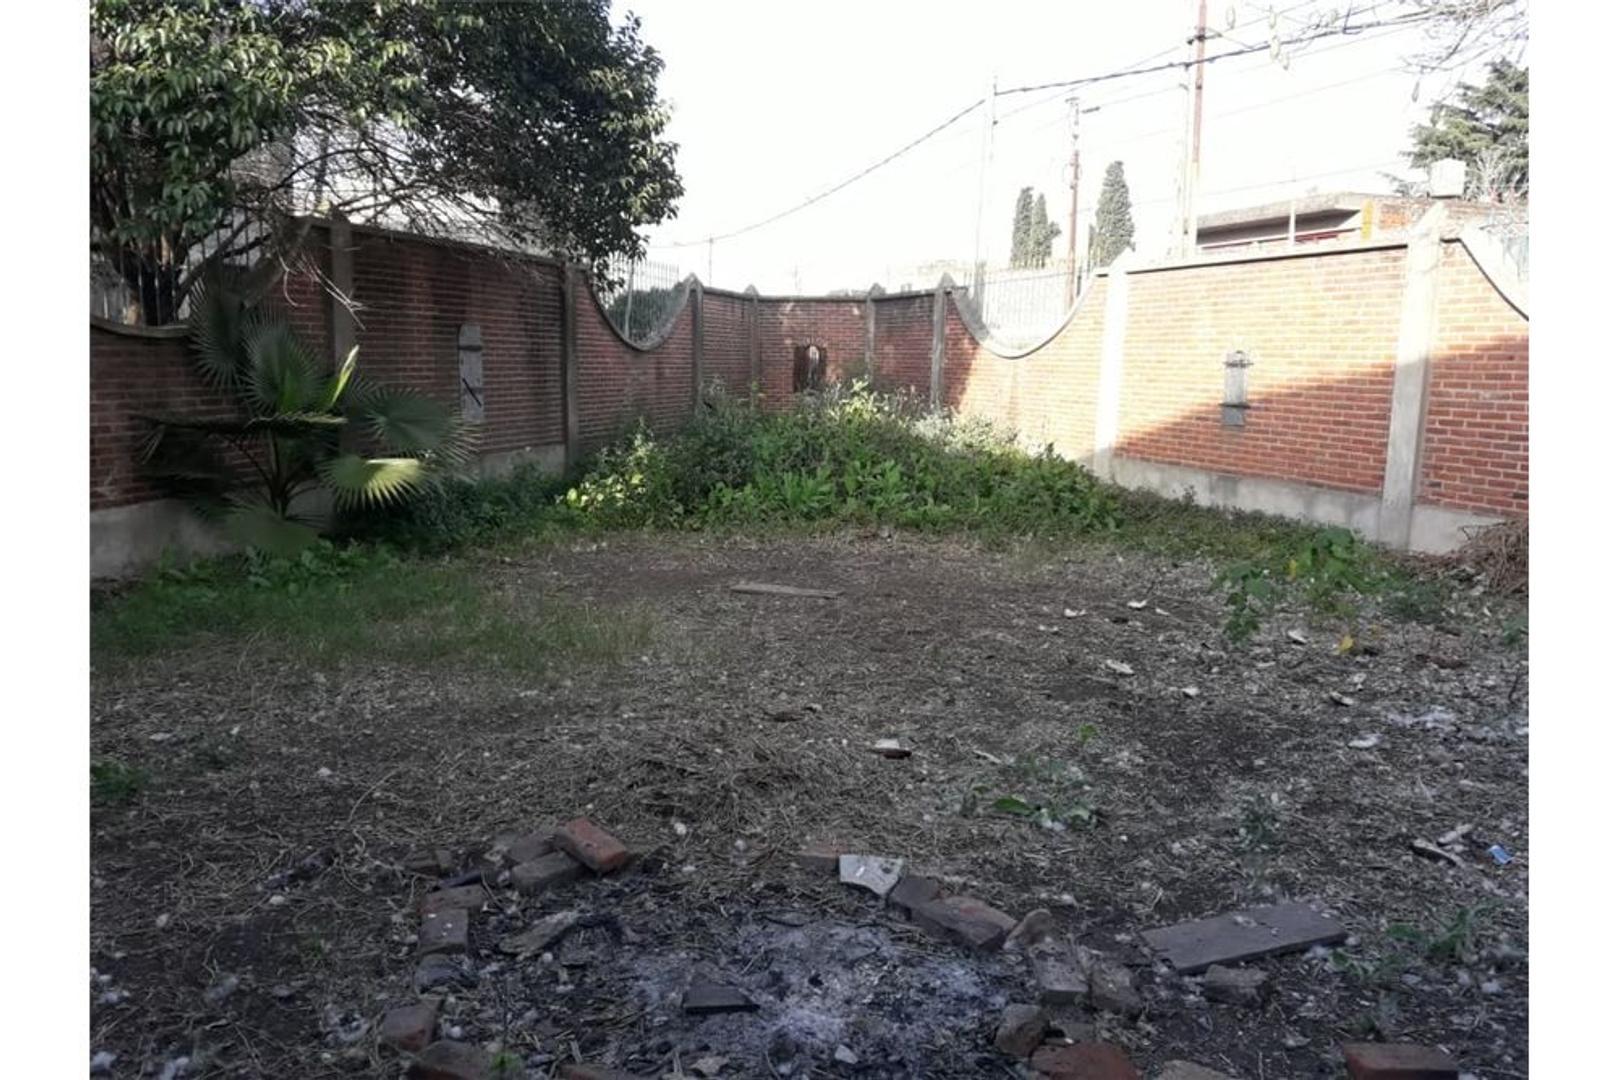 CASA CON TERRENO EN VENTA 4 AMBIENTES, CASEROS - Foto 27